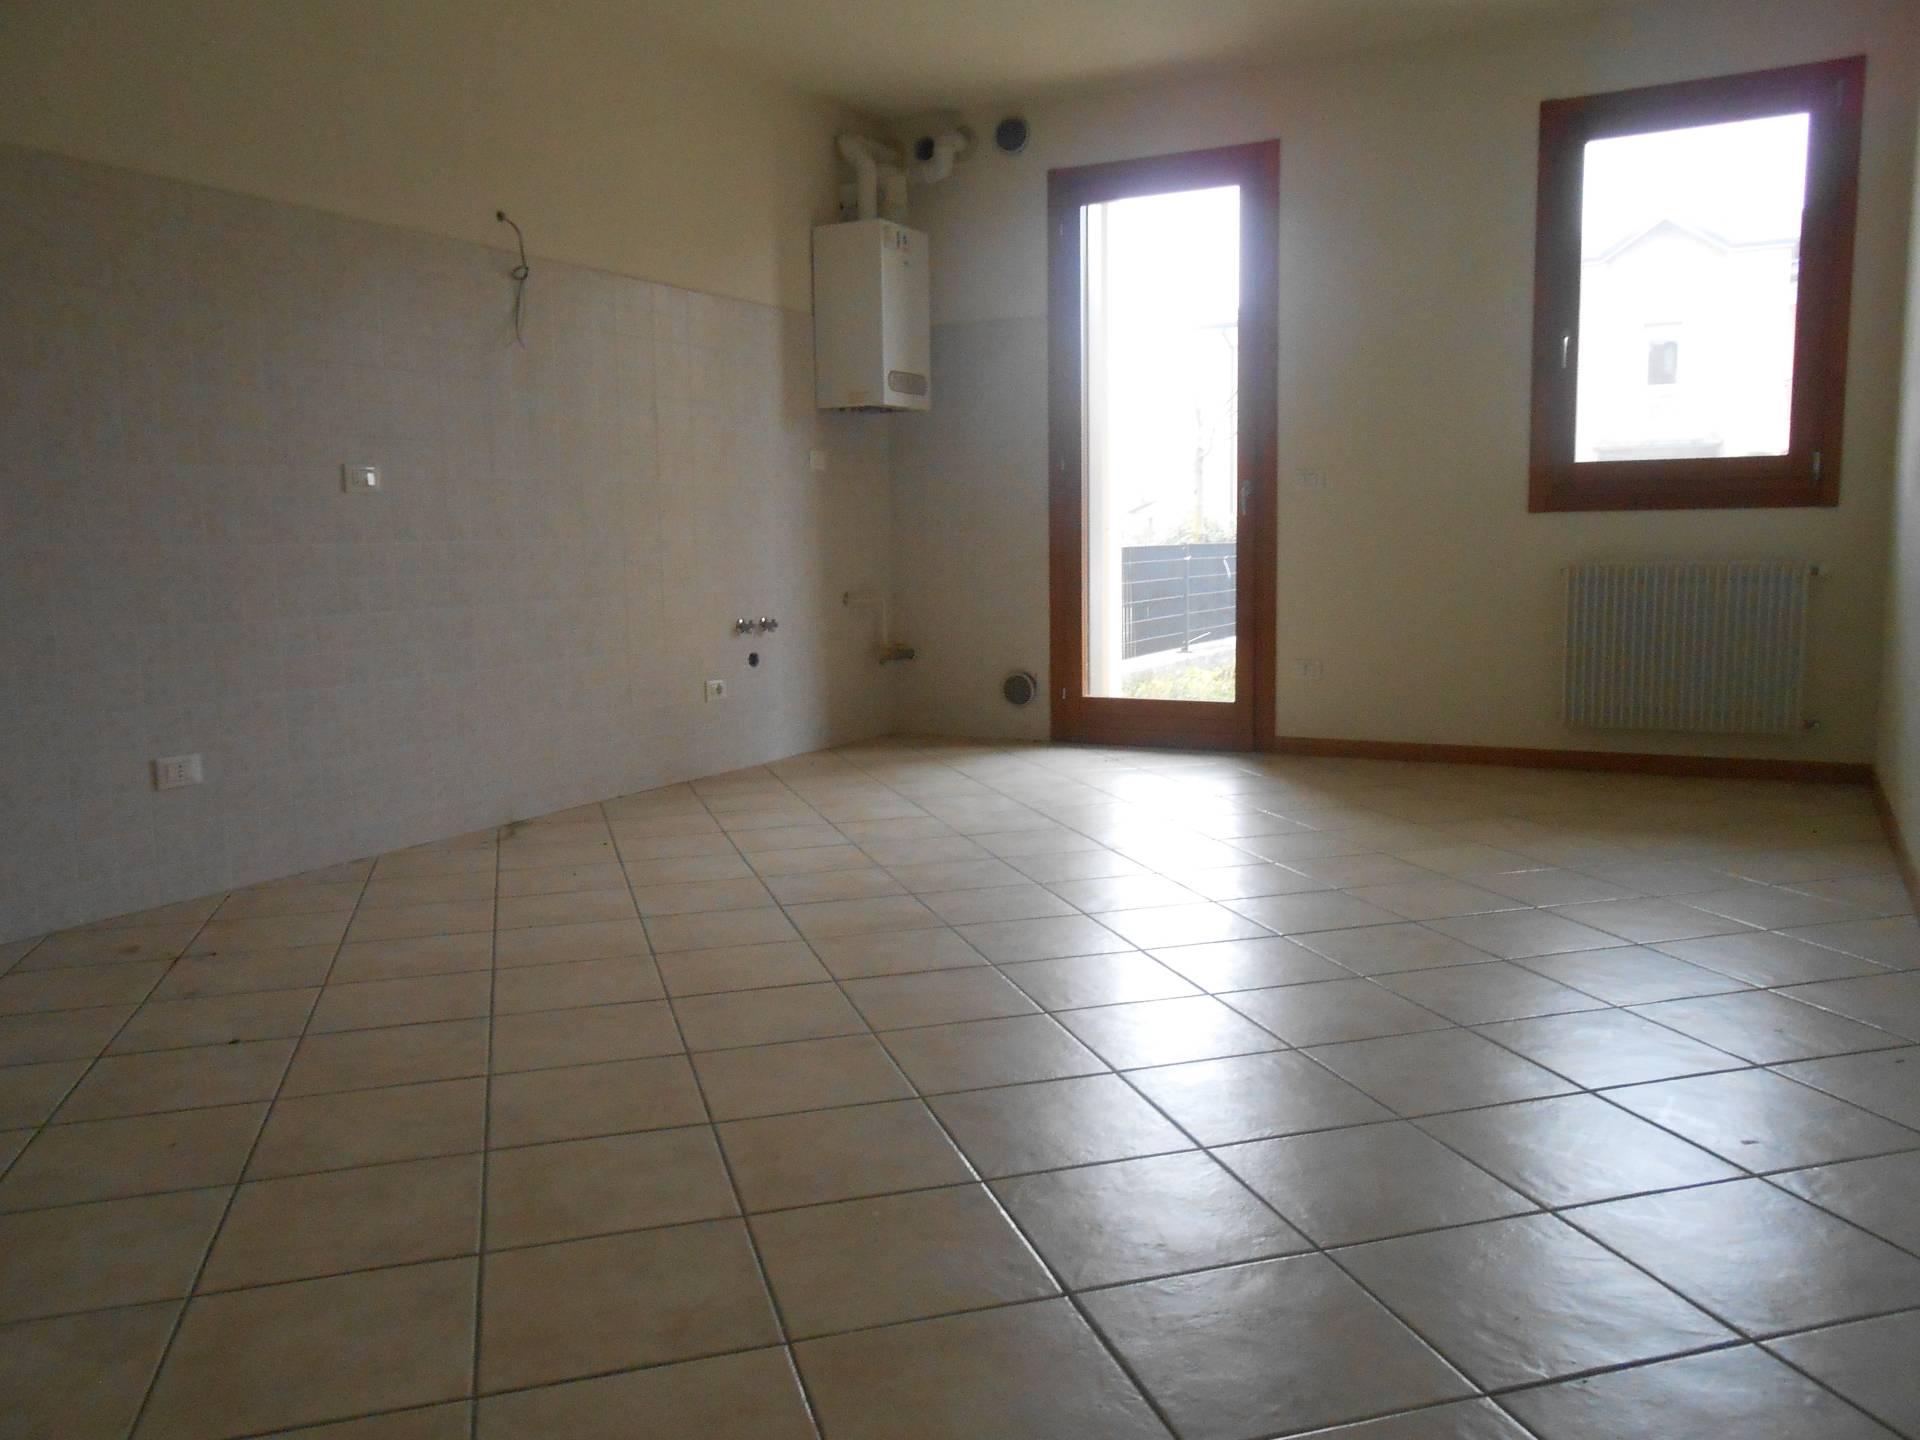 Appartamento in vendita a Mareno di Piave, 6 locali, zona Zona: Ramera, prezzo € 120.000 | CambioCasa.it